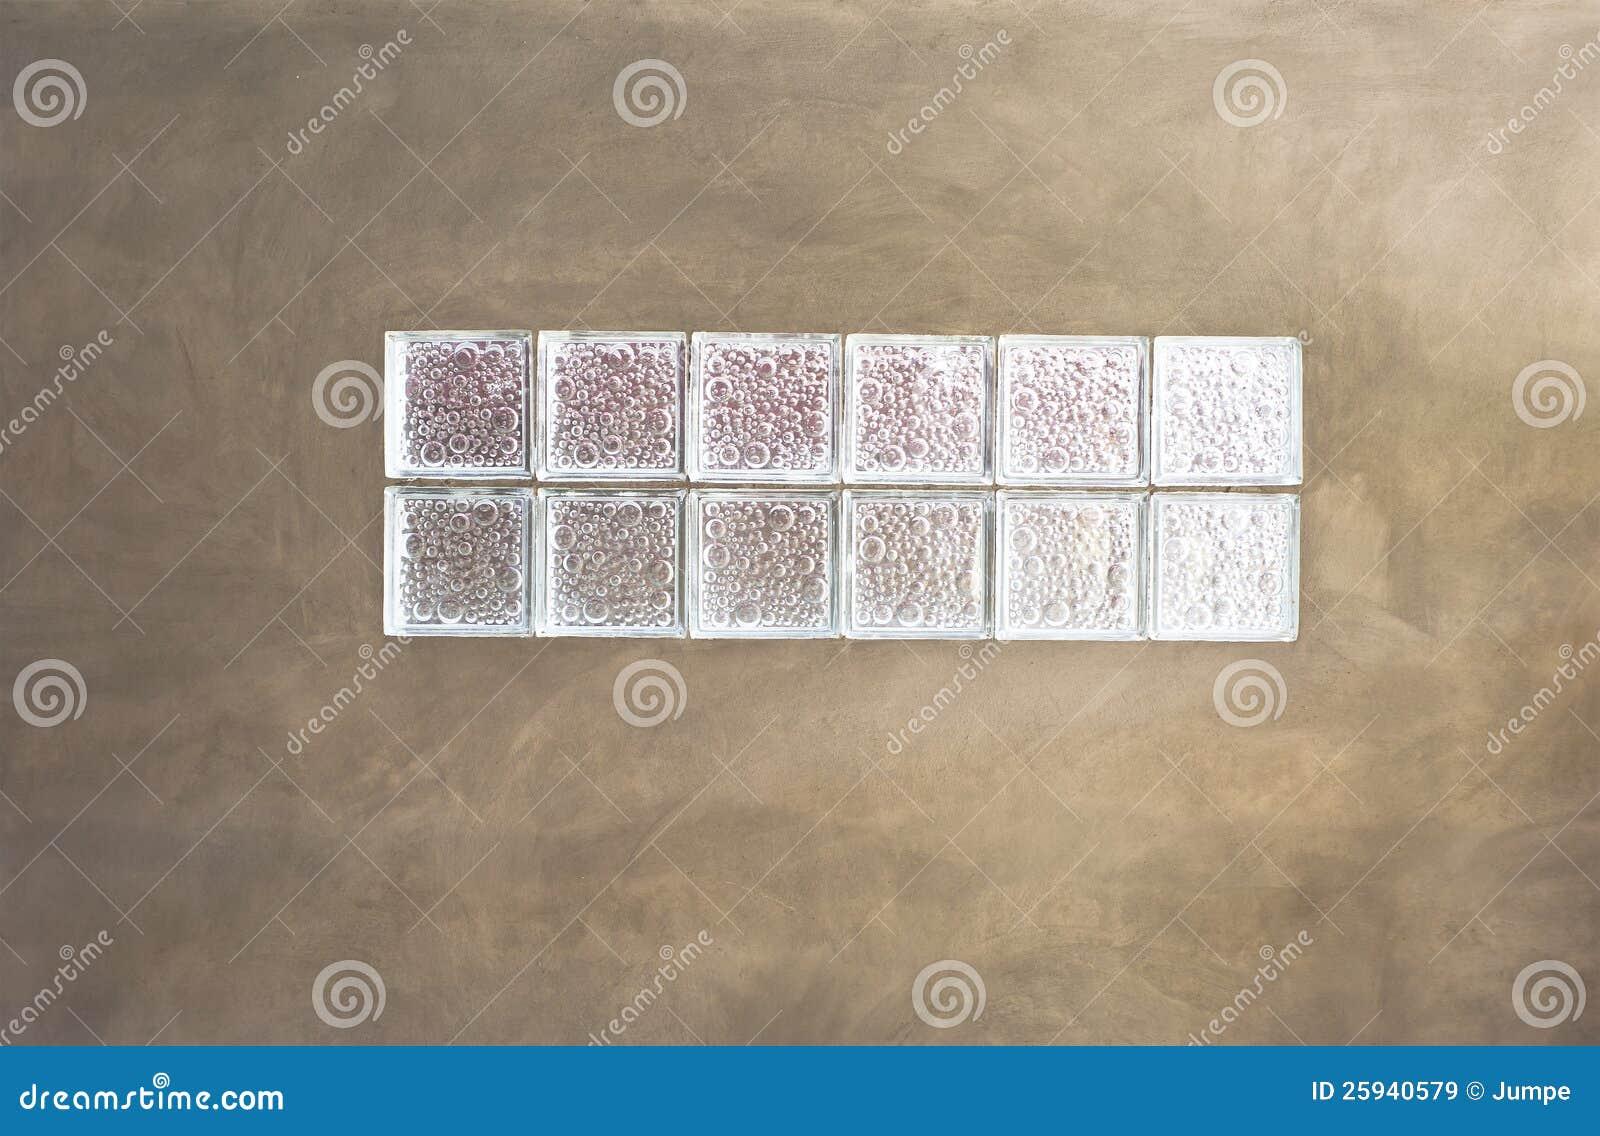 Imagens de #85A922 Vidro Do Bloco Imagens de Stock Royalty Free Imagem: 25940579 1300x940 px 3386 Bloco Cad Janela De Banheiro